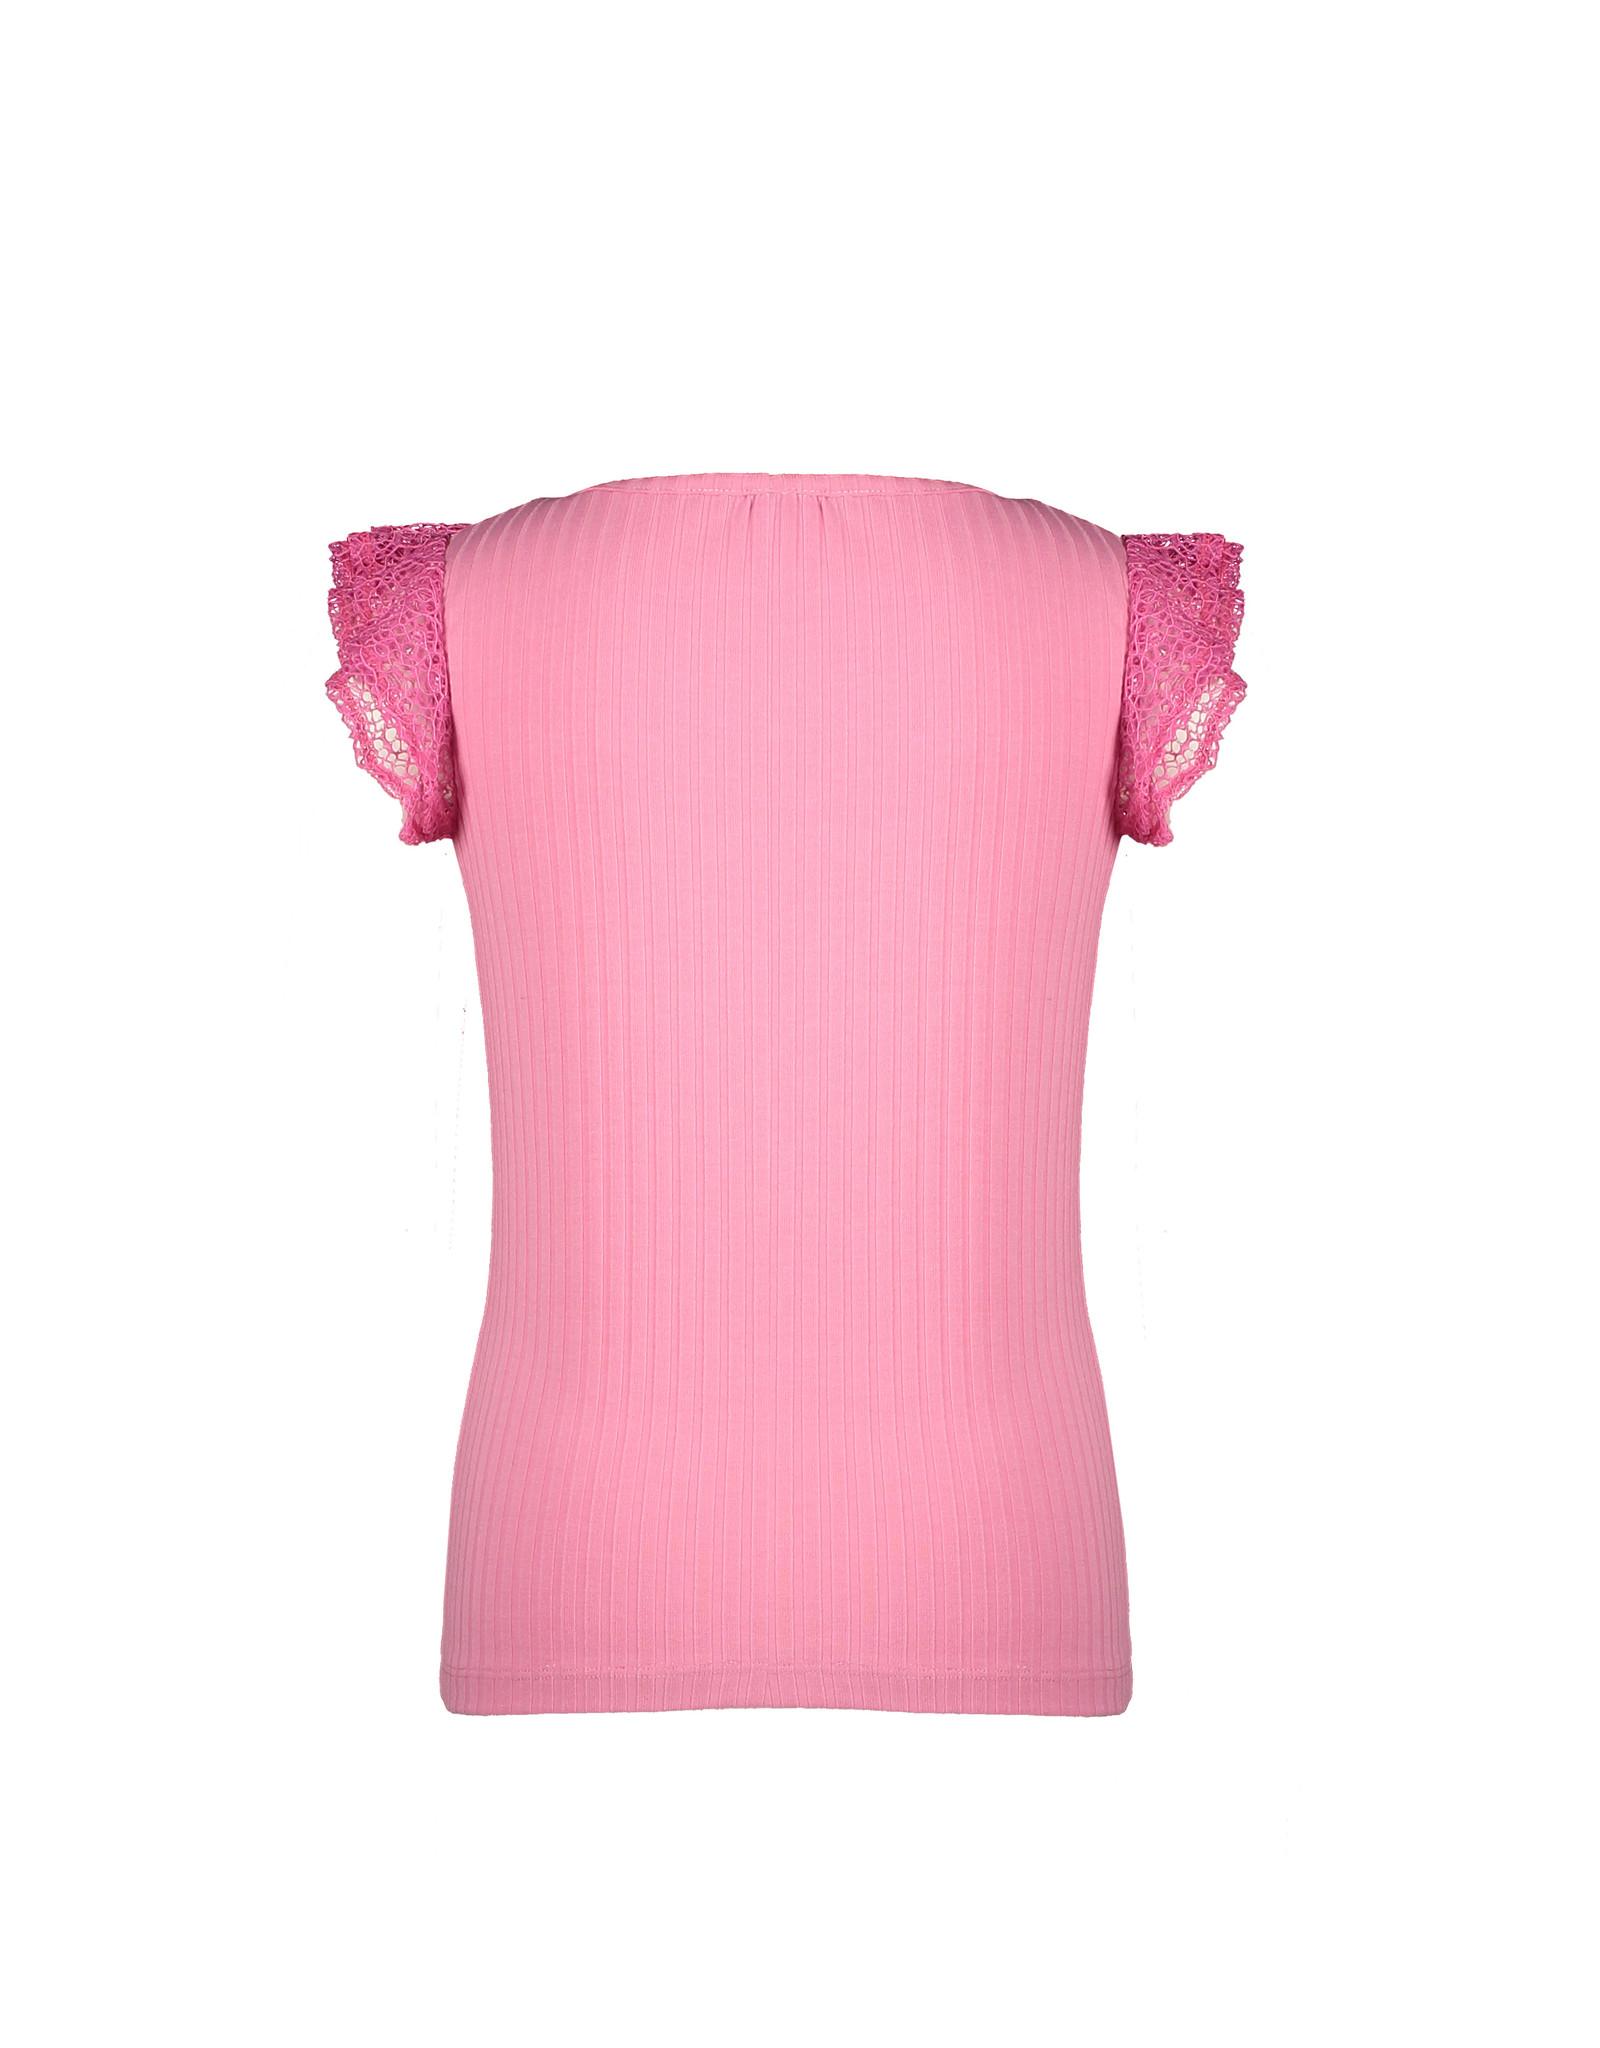 Nono Kathy rib tshirt with ruffled mesh short sleeves